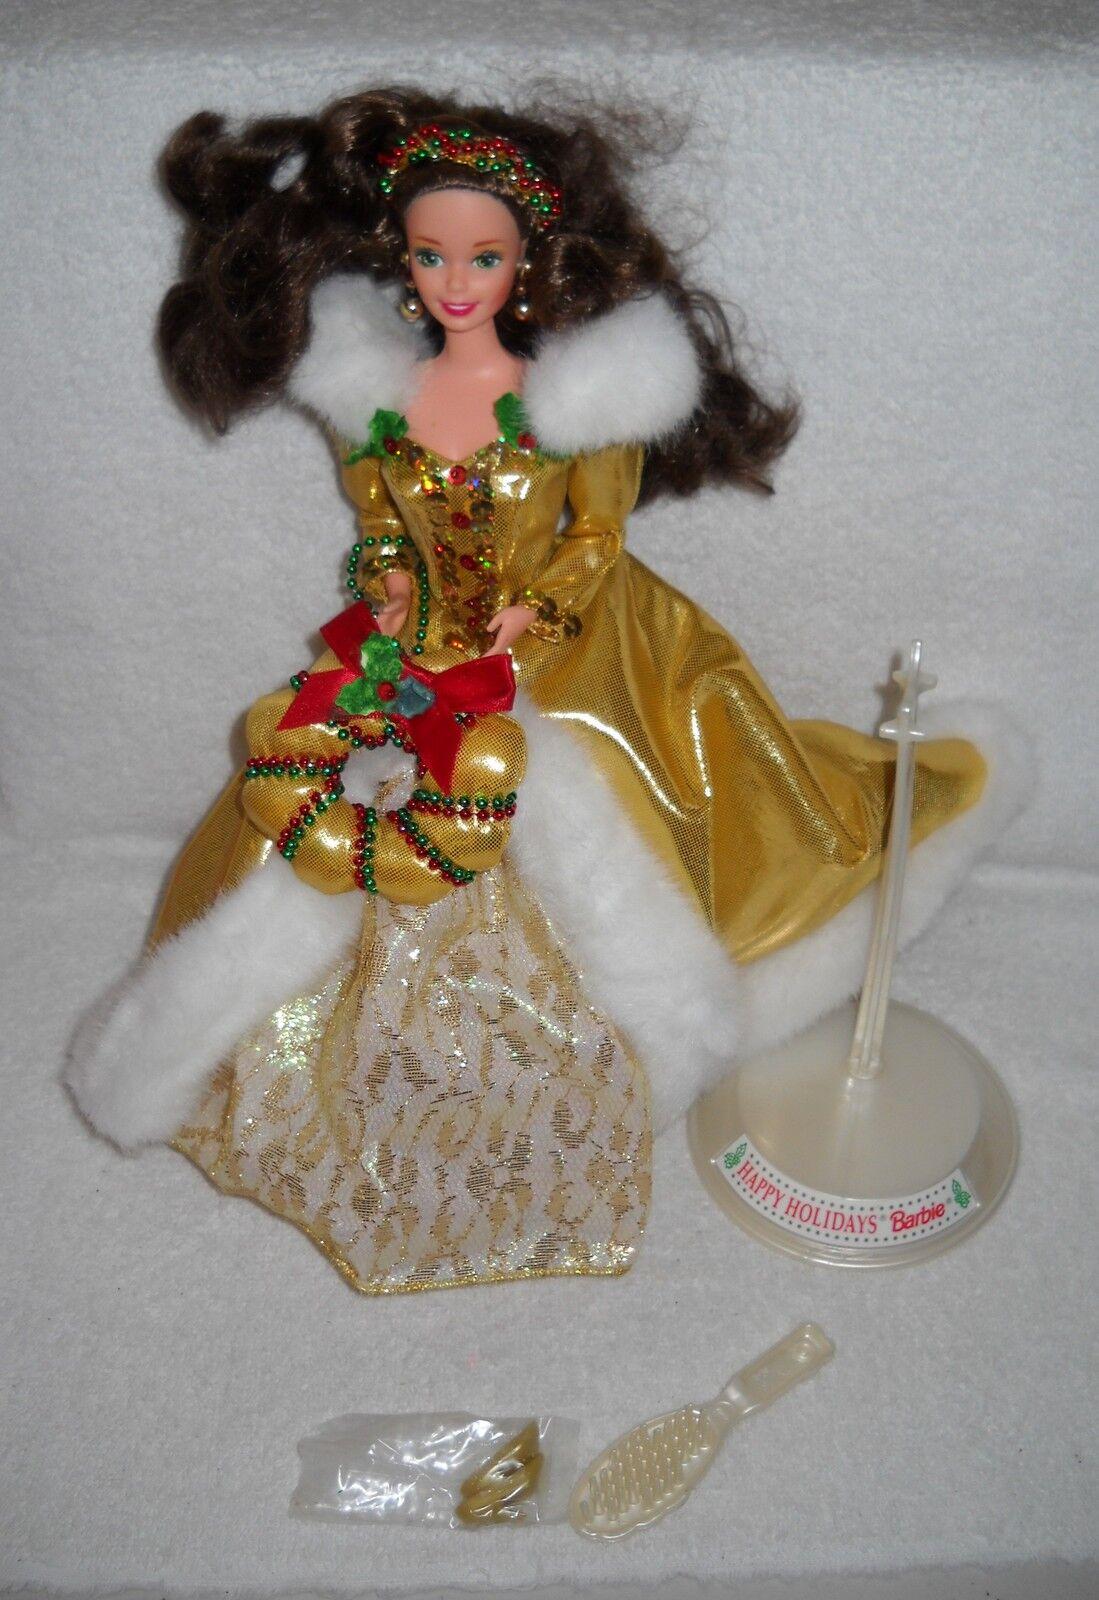 Nuevo raros Mattel Barbie mostrados Festival 1994 Vacaciones Barbie Morena